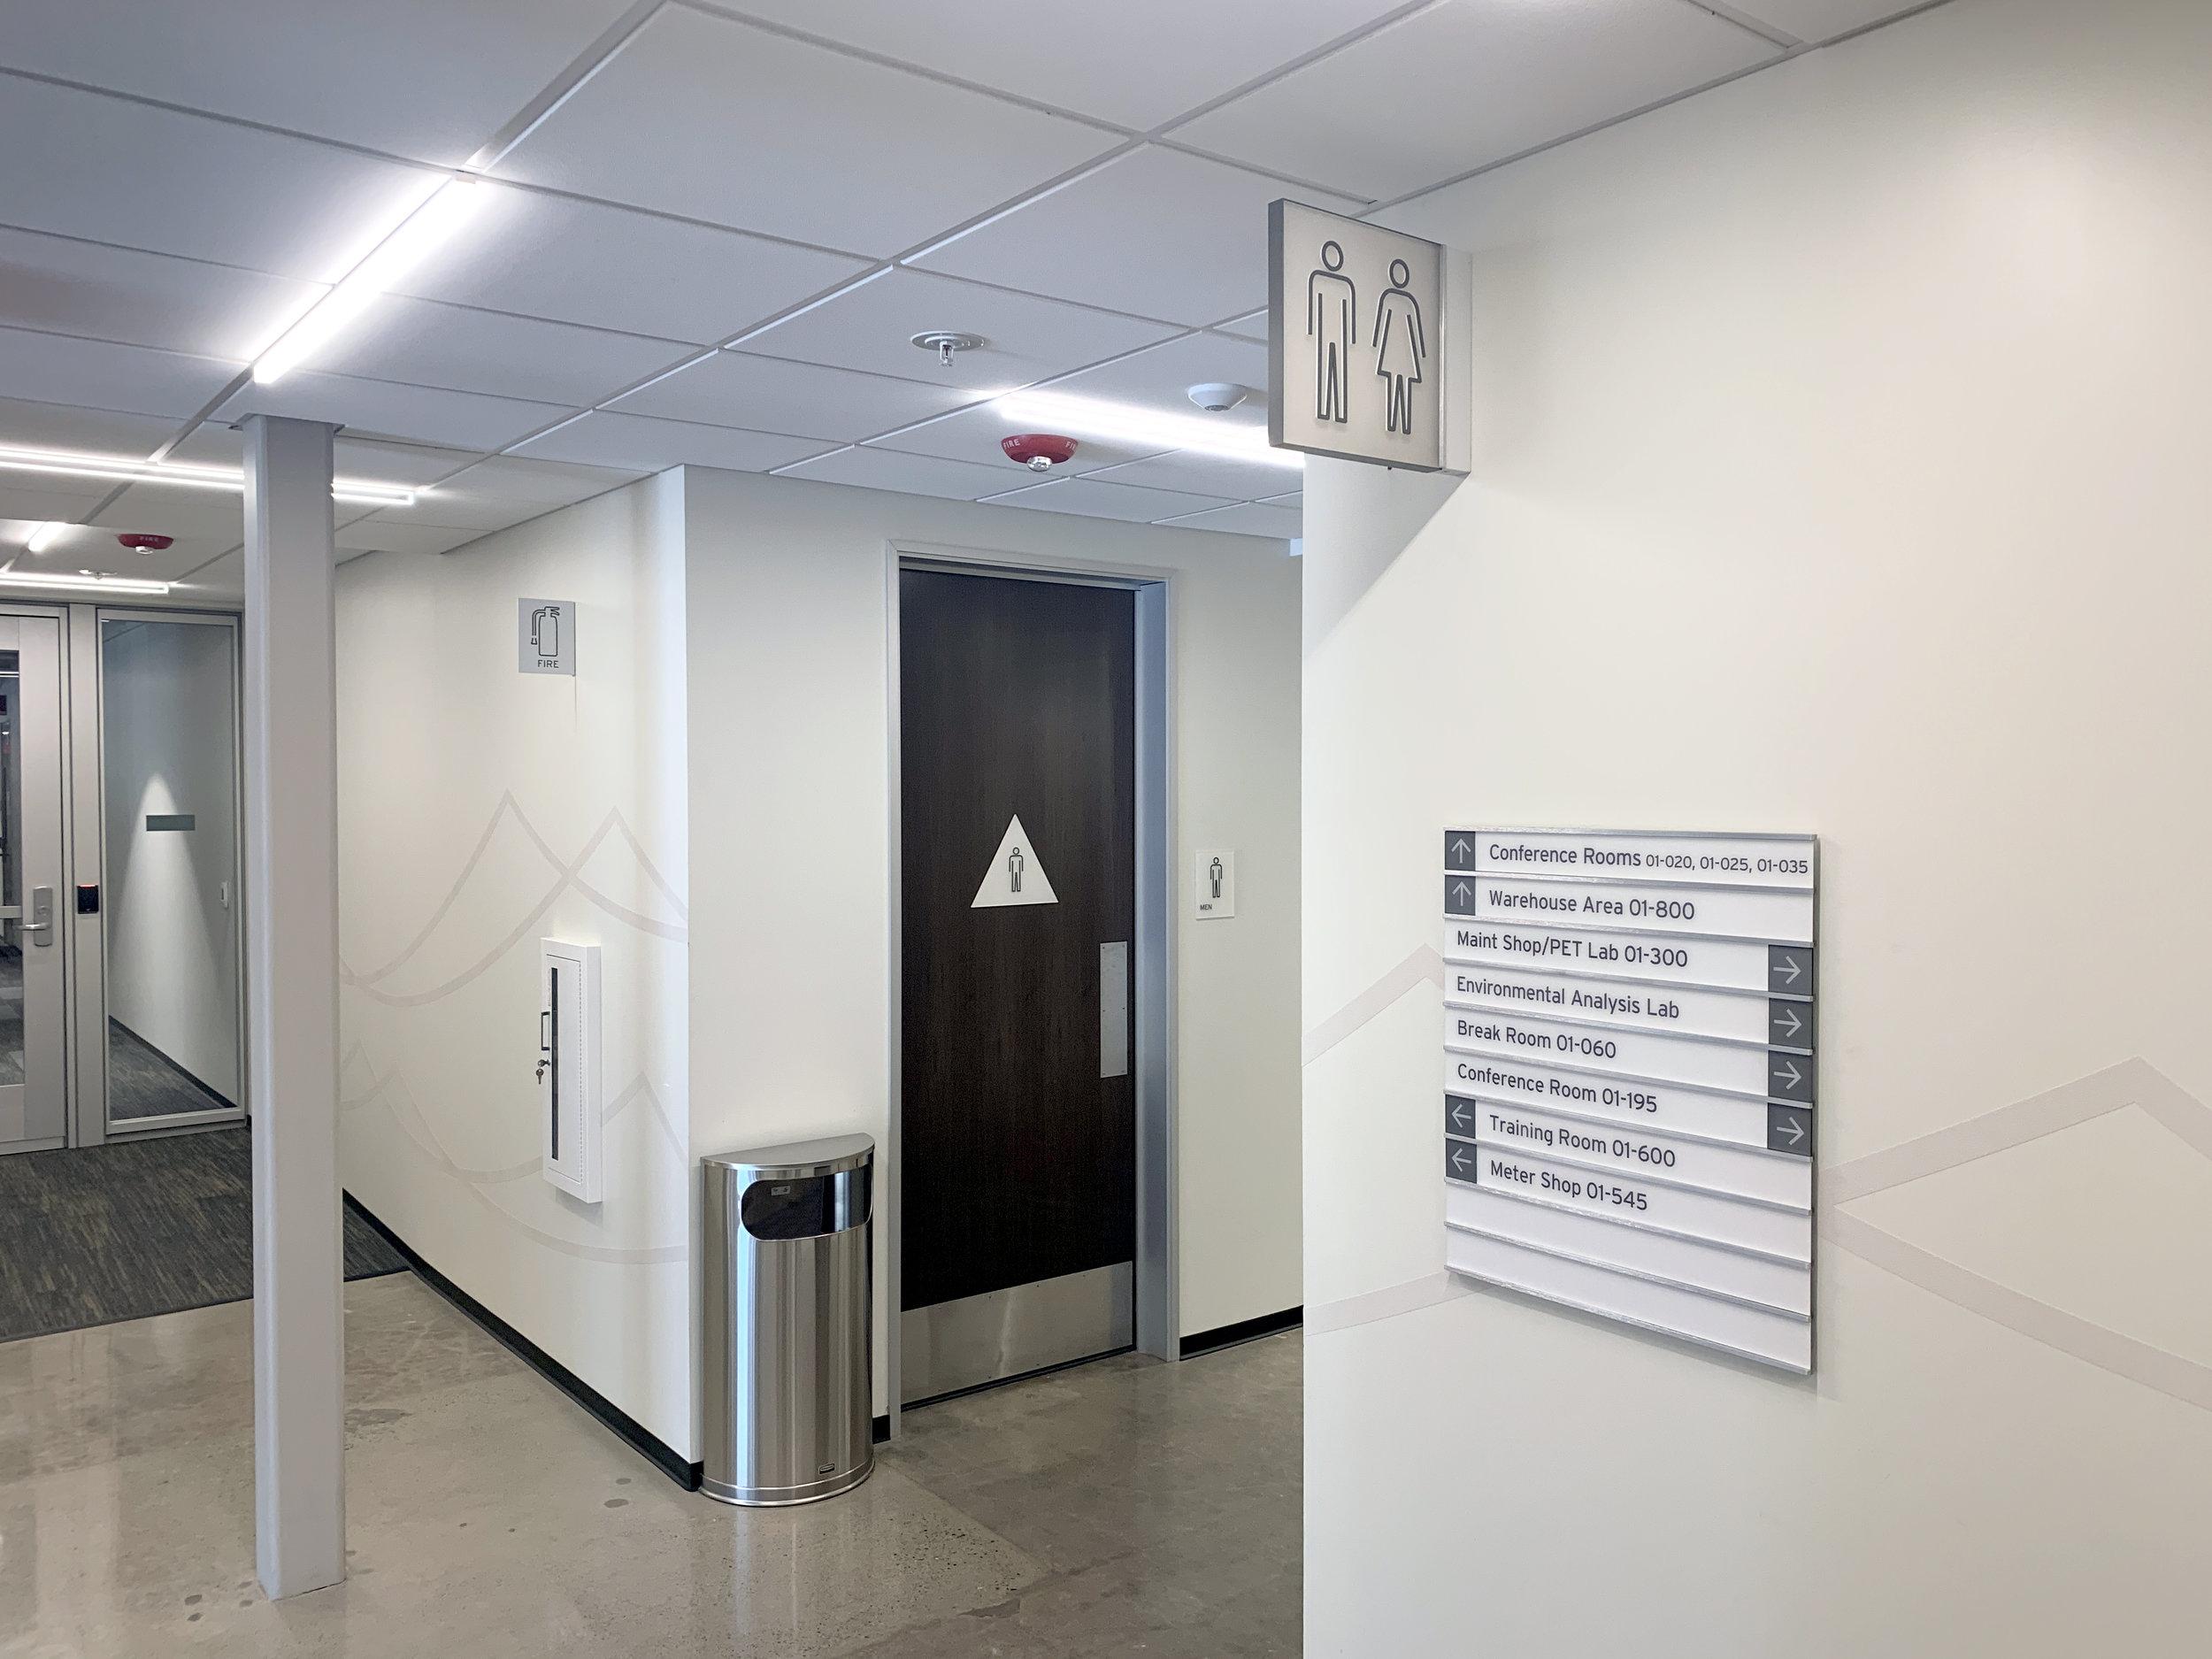 SDGE_Restroom-wayfinding corridor.jpg